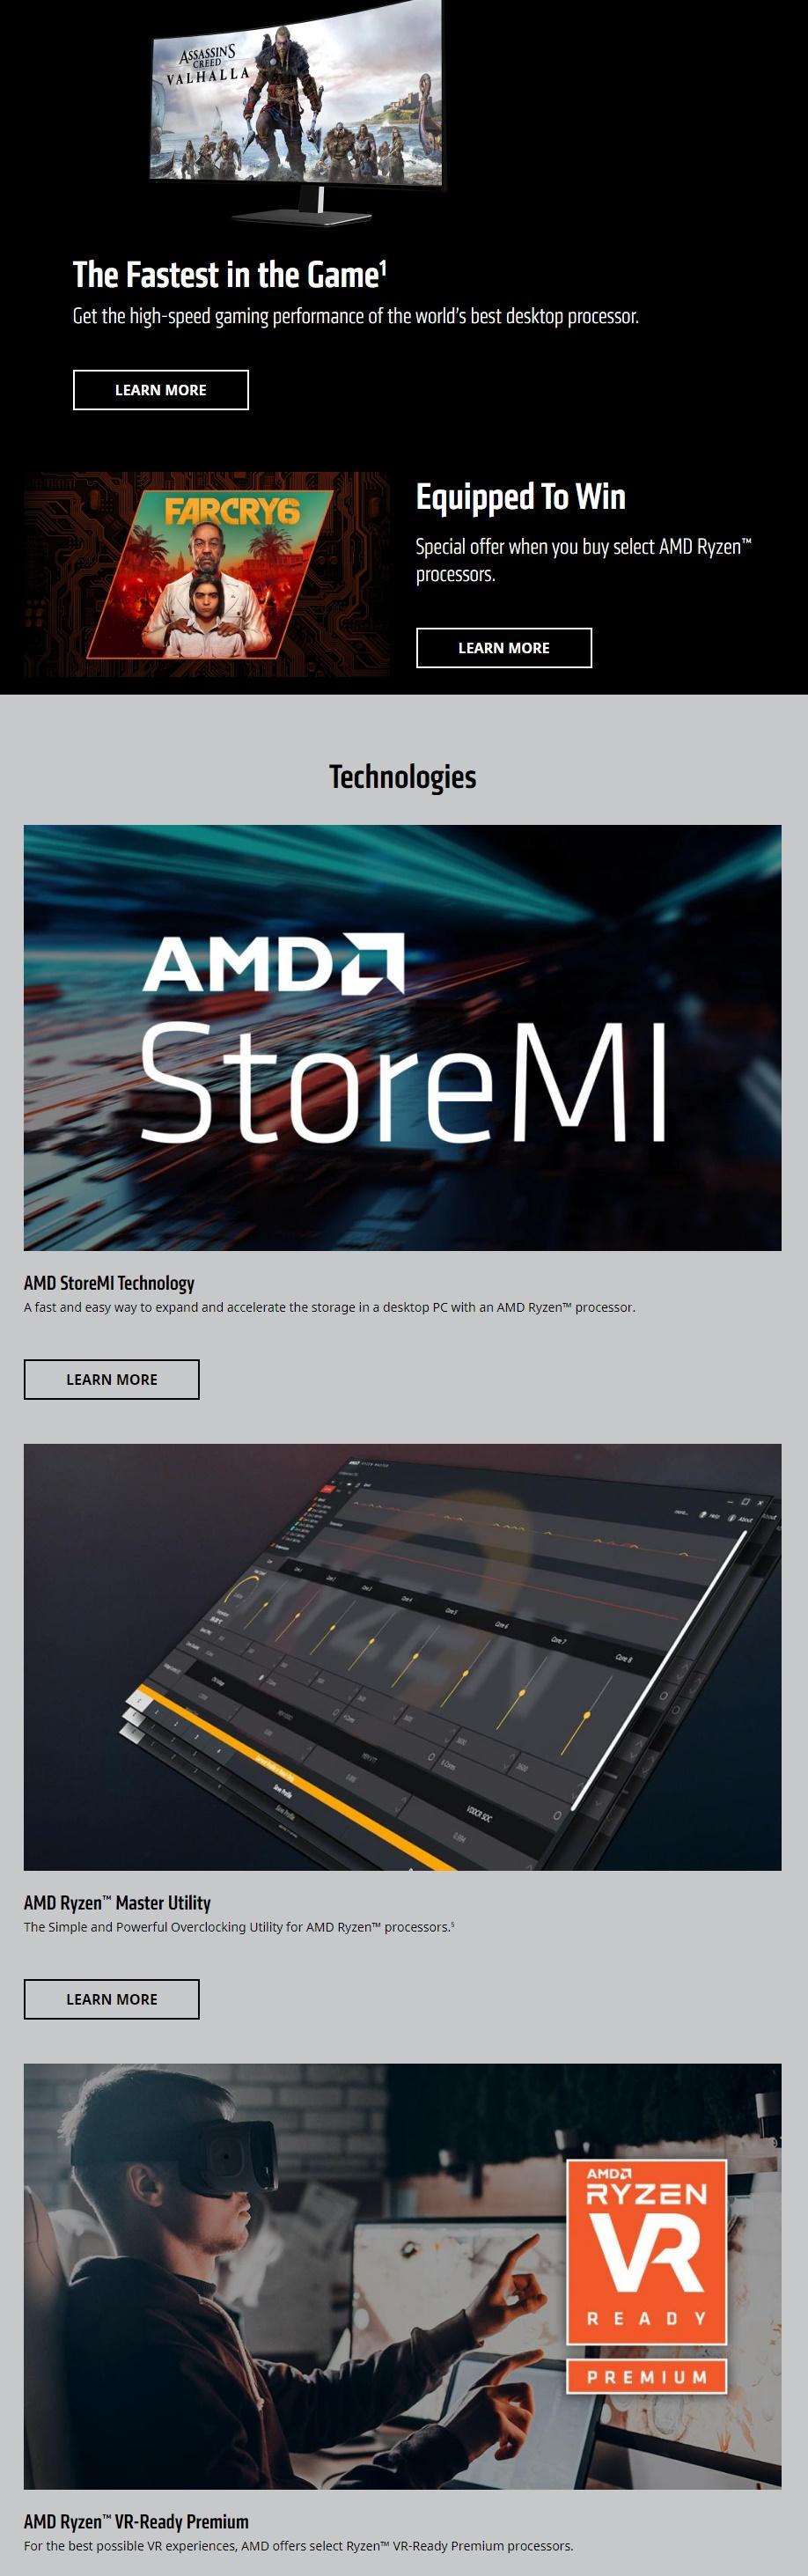 AMD Ryzen 7 5800X 8 Core 3.8Ghz CPU 100-100000063WOF